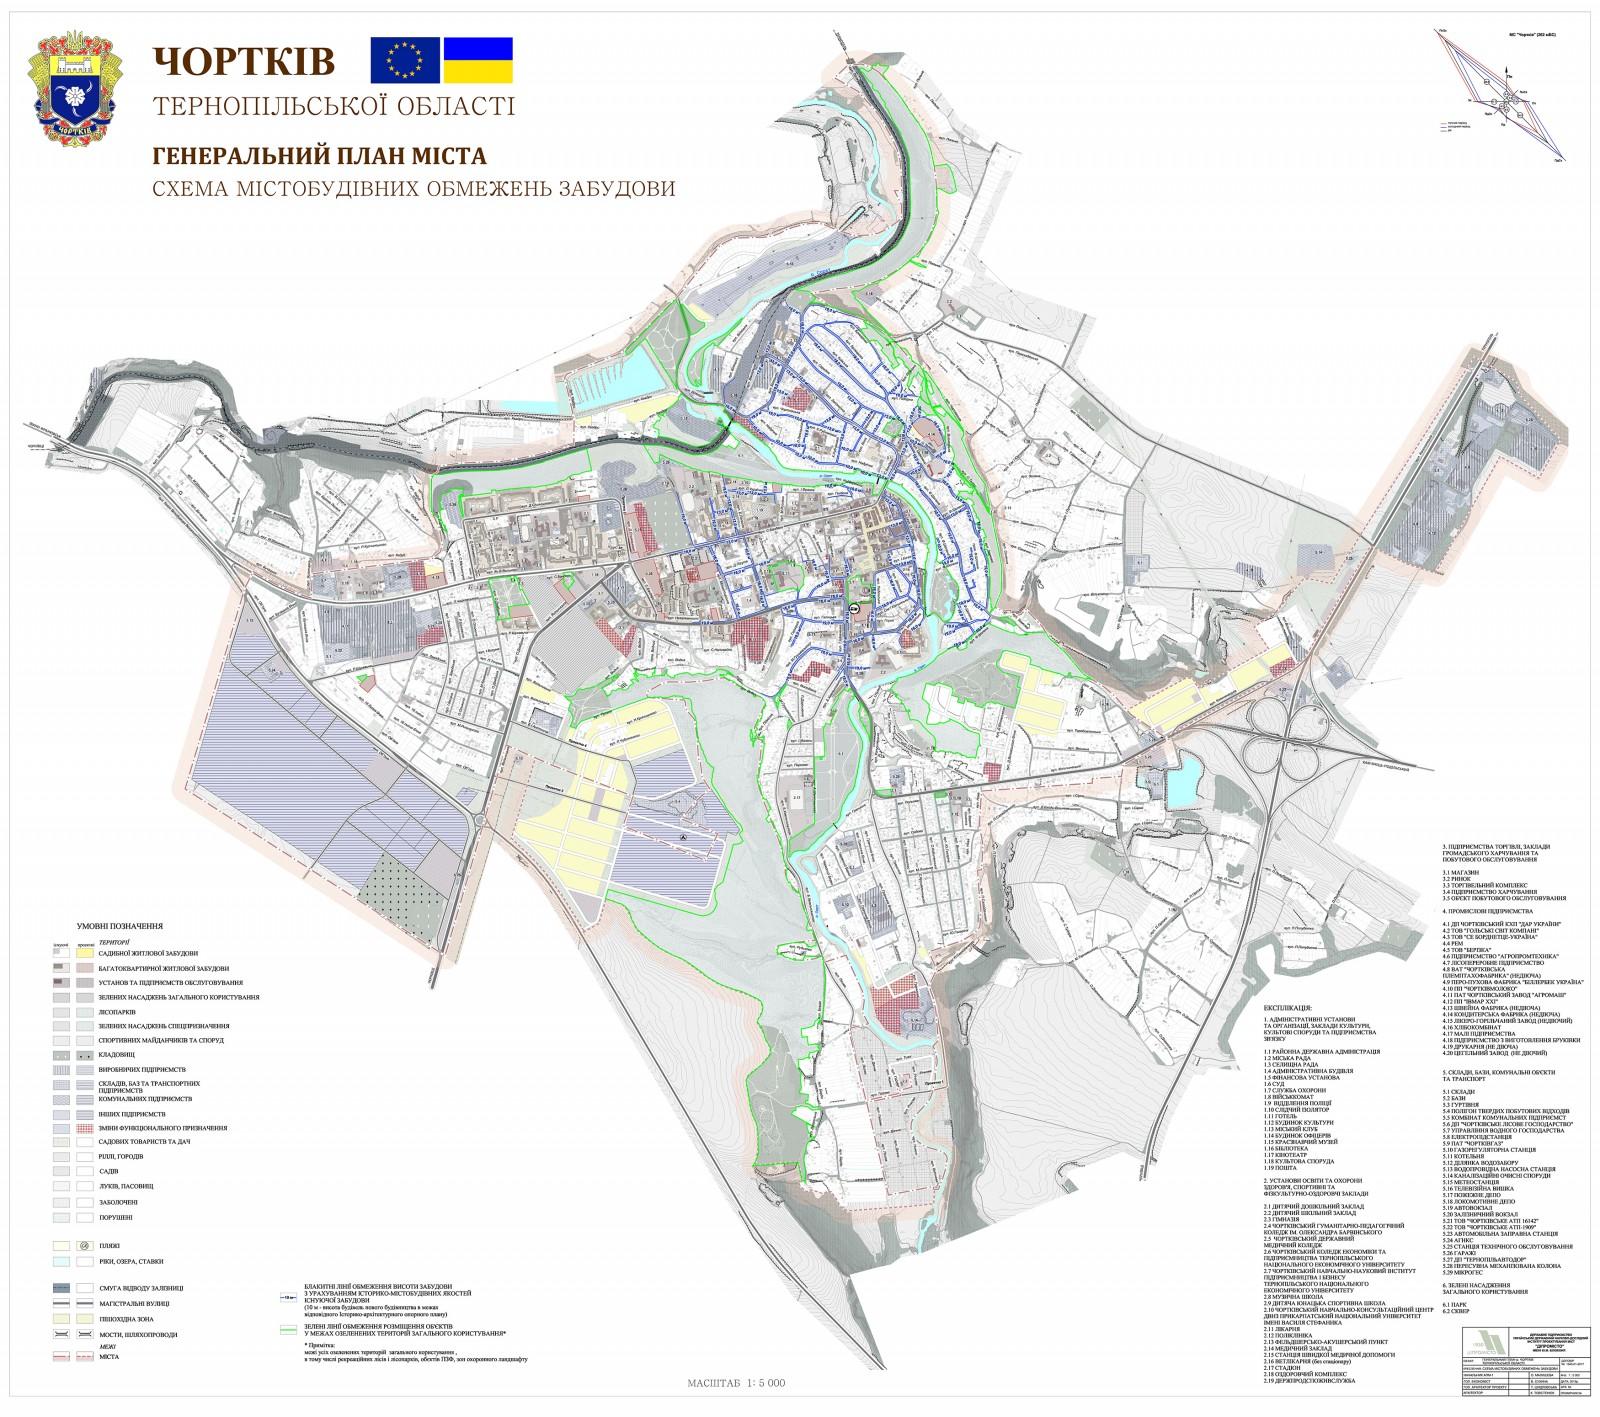 Схема містобудівних обмежень забудови